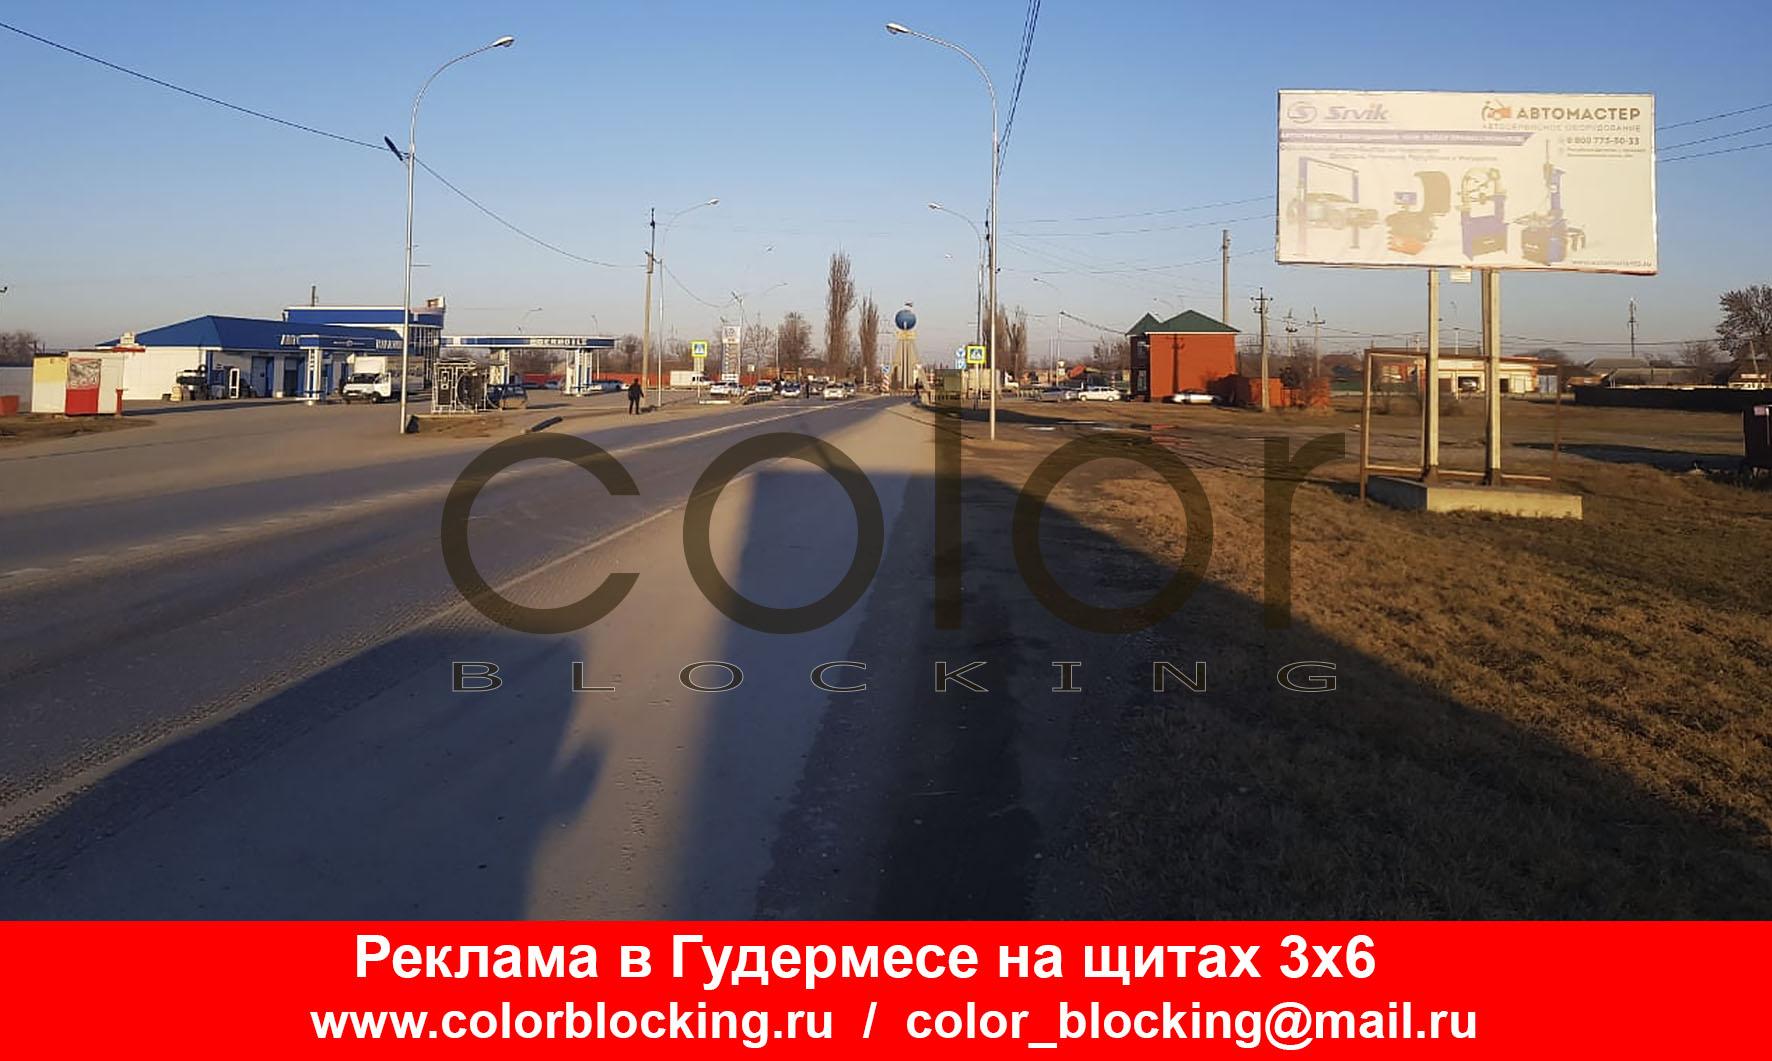 Реклама на щитах 3х6 в ЧР Мескер-Юрт